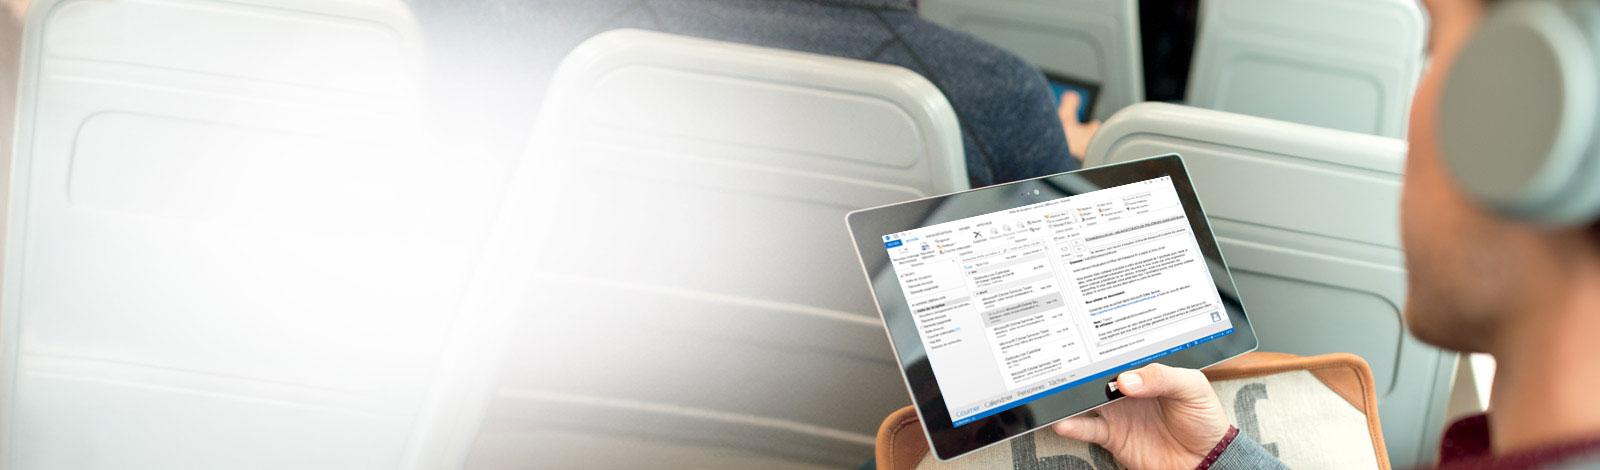 Homme utilisant une tablette, laquelle affiche sa boîte de réception. Accédez à votre messagerie en tout lieu grâce à Office365.